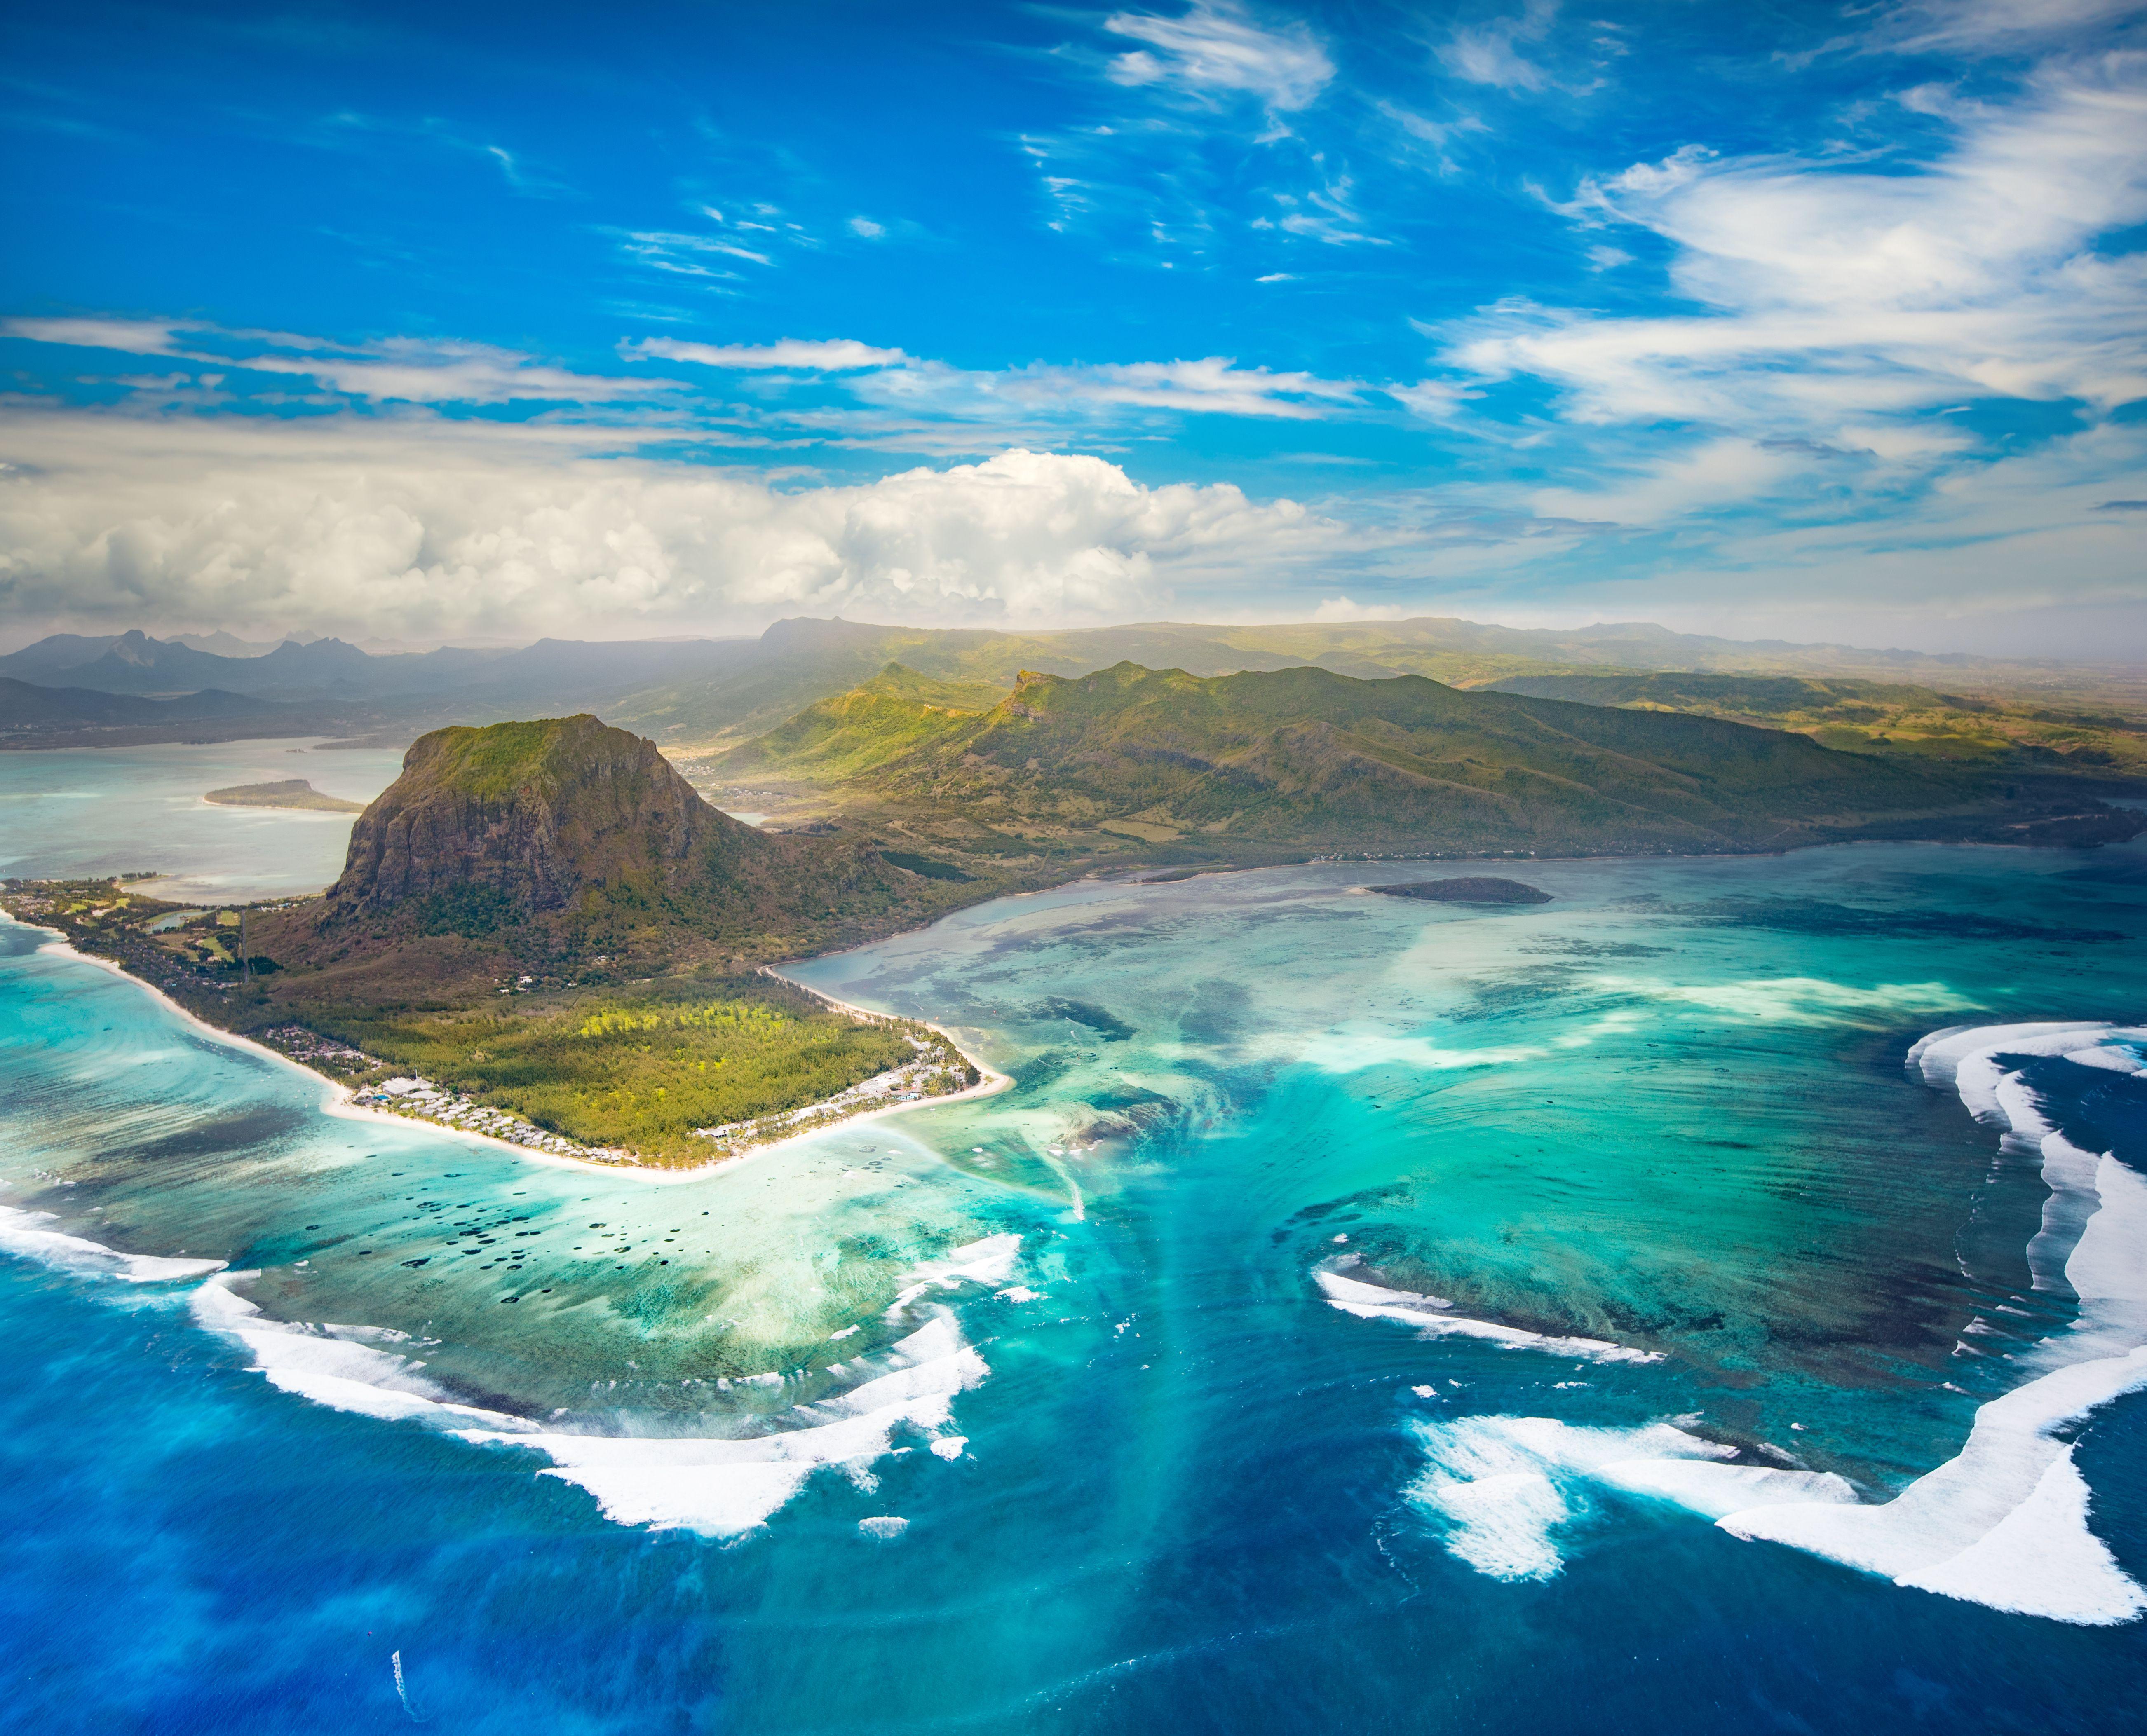 Jeden z nejfotografovanějších koutů světa najdete na Mauritiu.